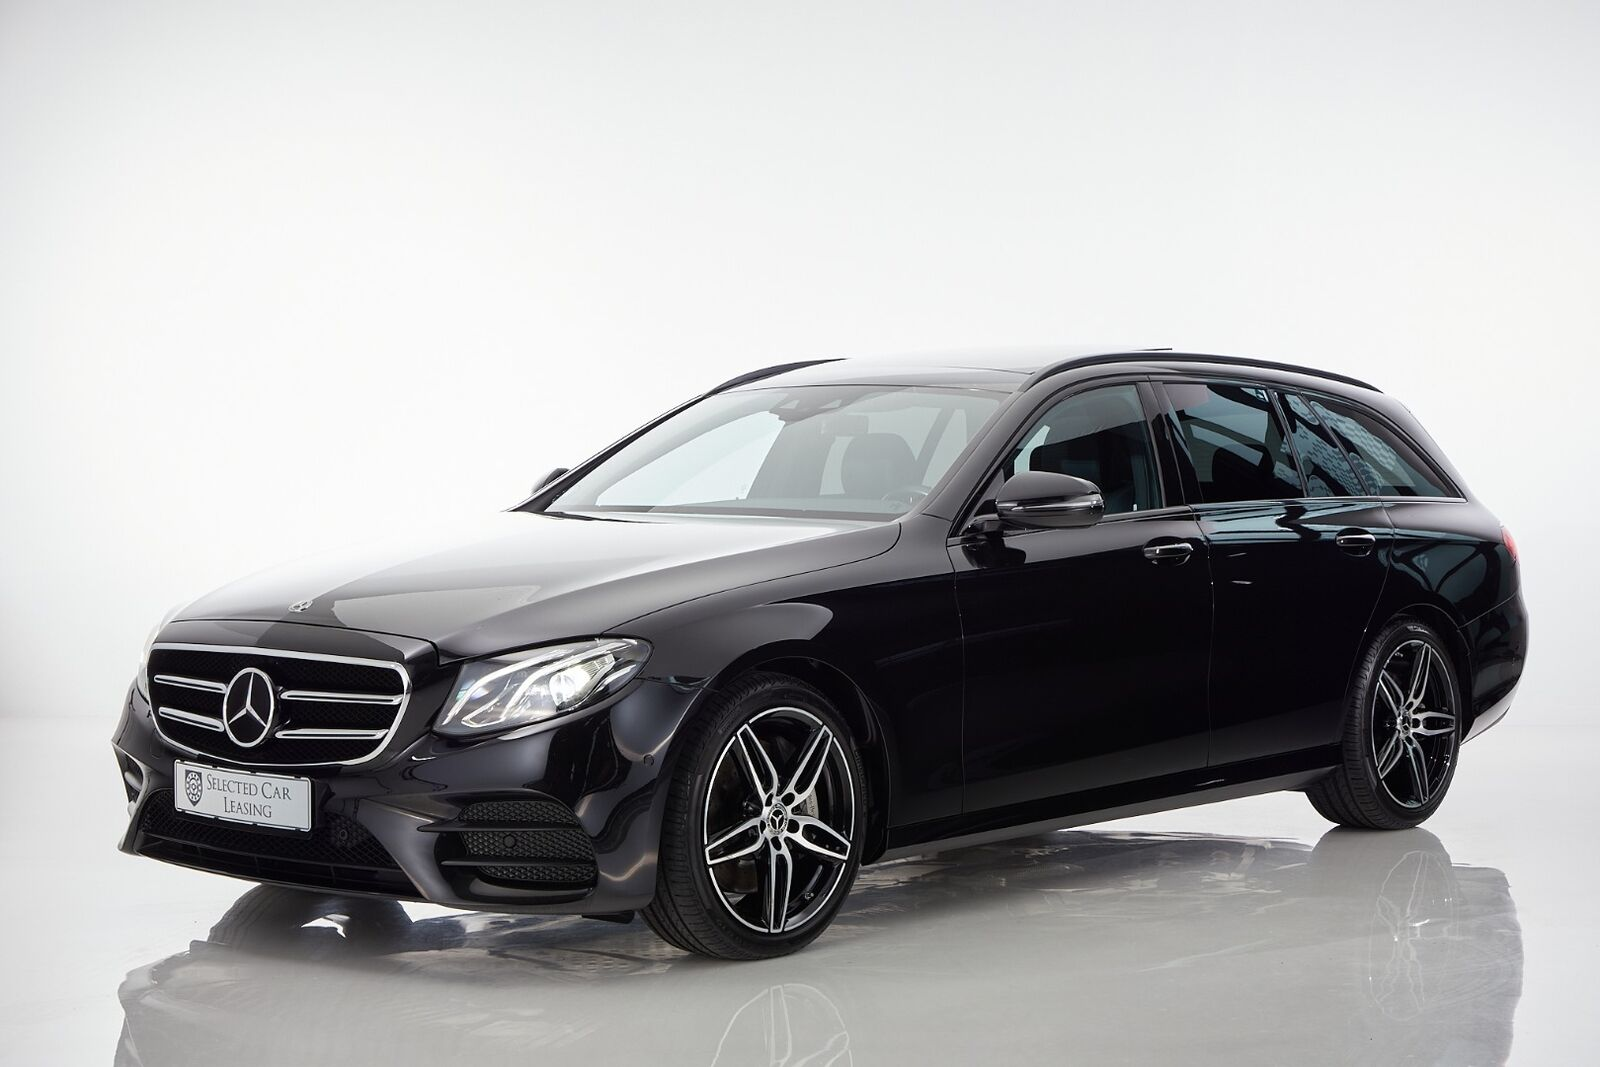 Mercedes E350 d 3,0 AMG Line stc. aut. 5d - 4.082 kr.